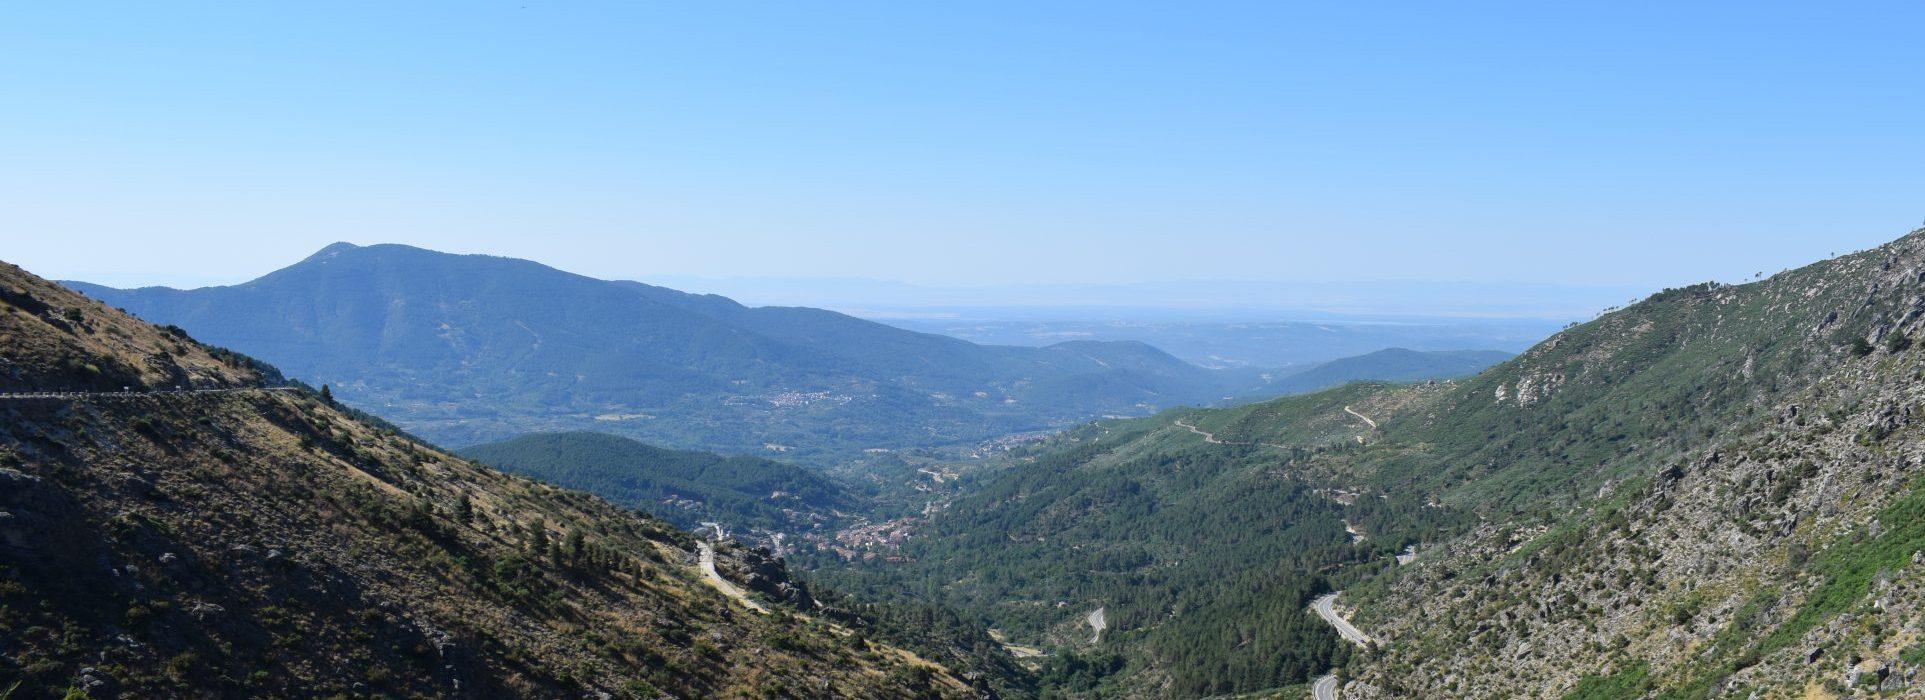 Ontdek de Sierra de Gredos